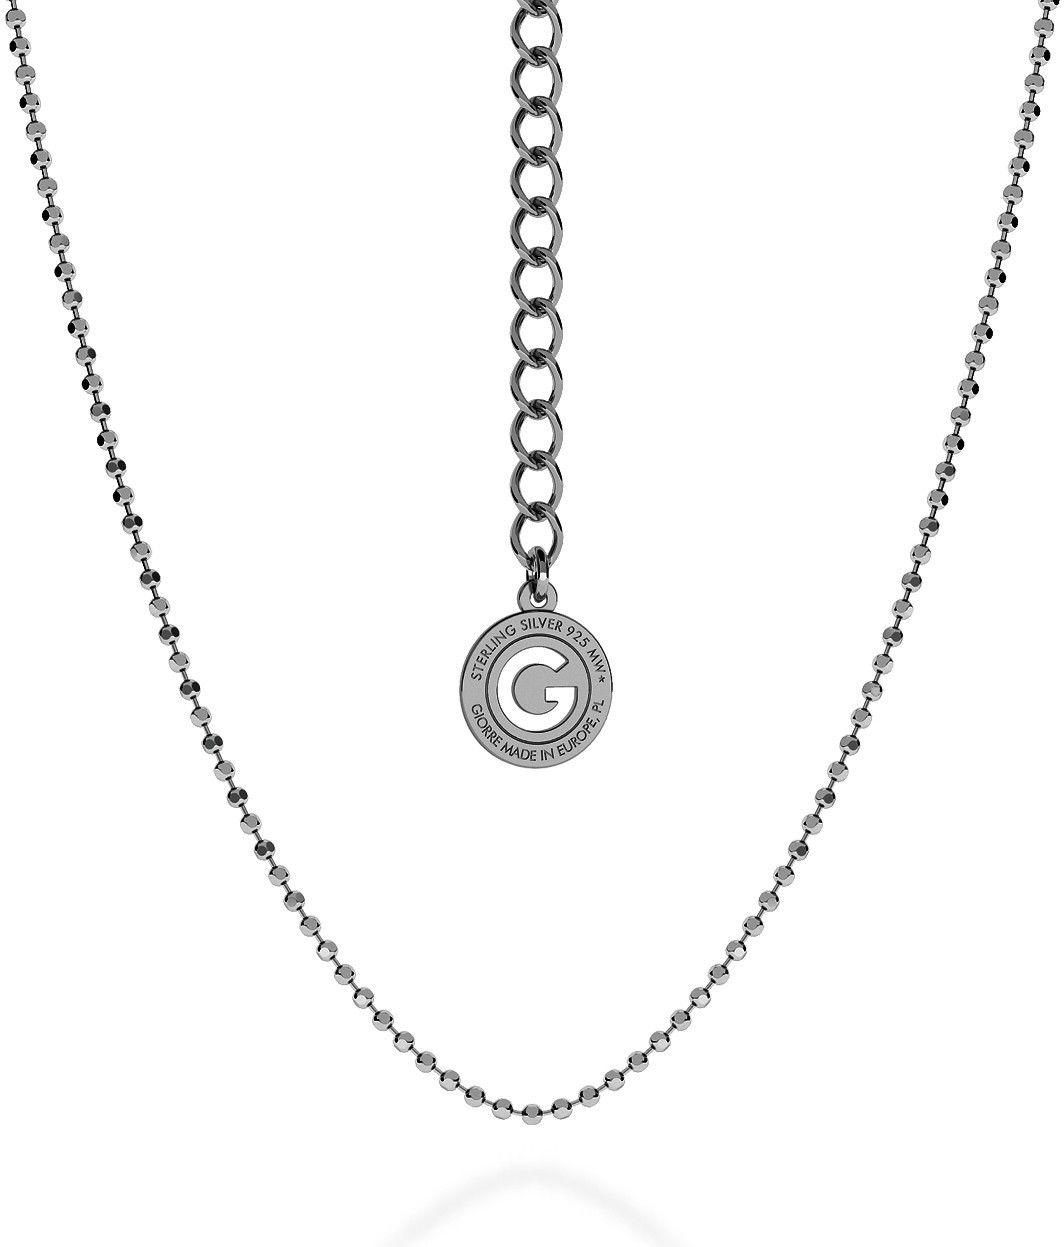 Srebrny łańcuszek z kulek, srebro 925 : Długość (cm) - 50 + 5, Srebro - kolor pokrycia - Pokrycie żółtym 18K złotem